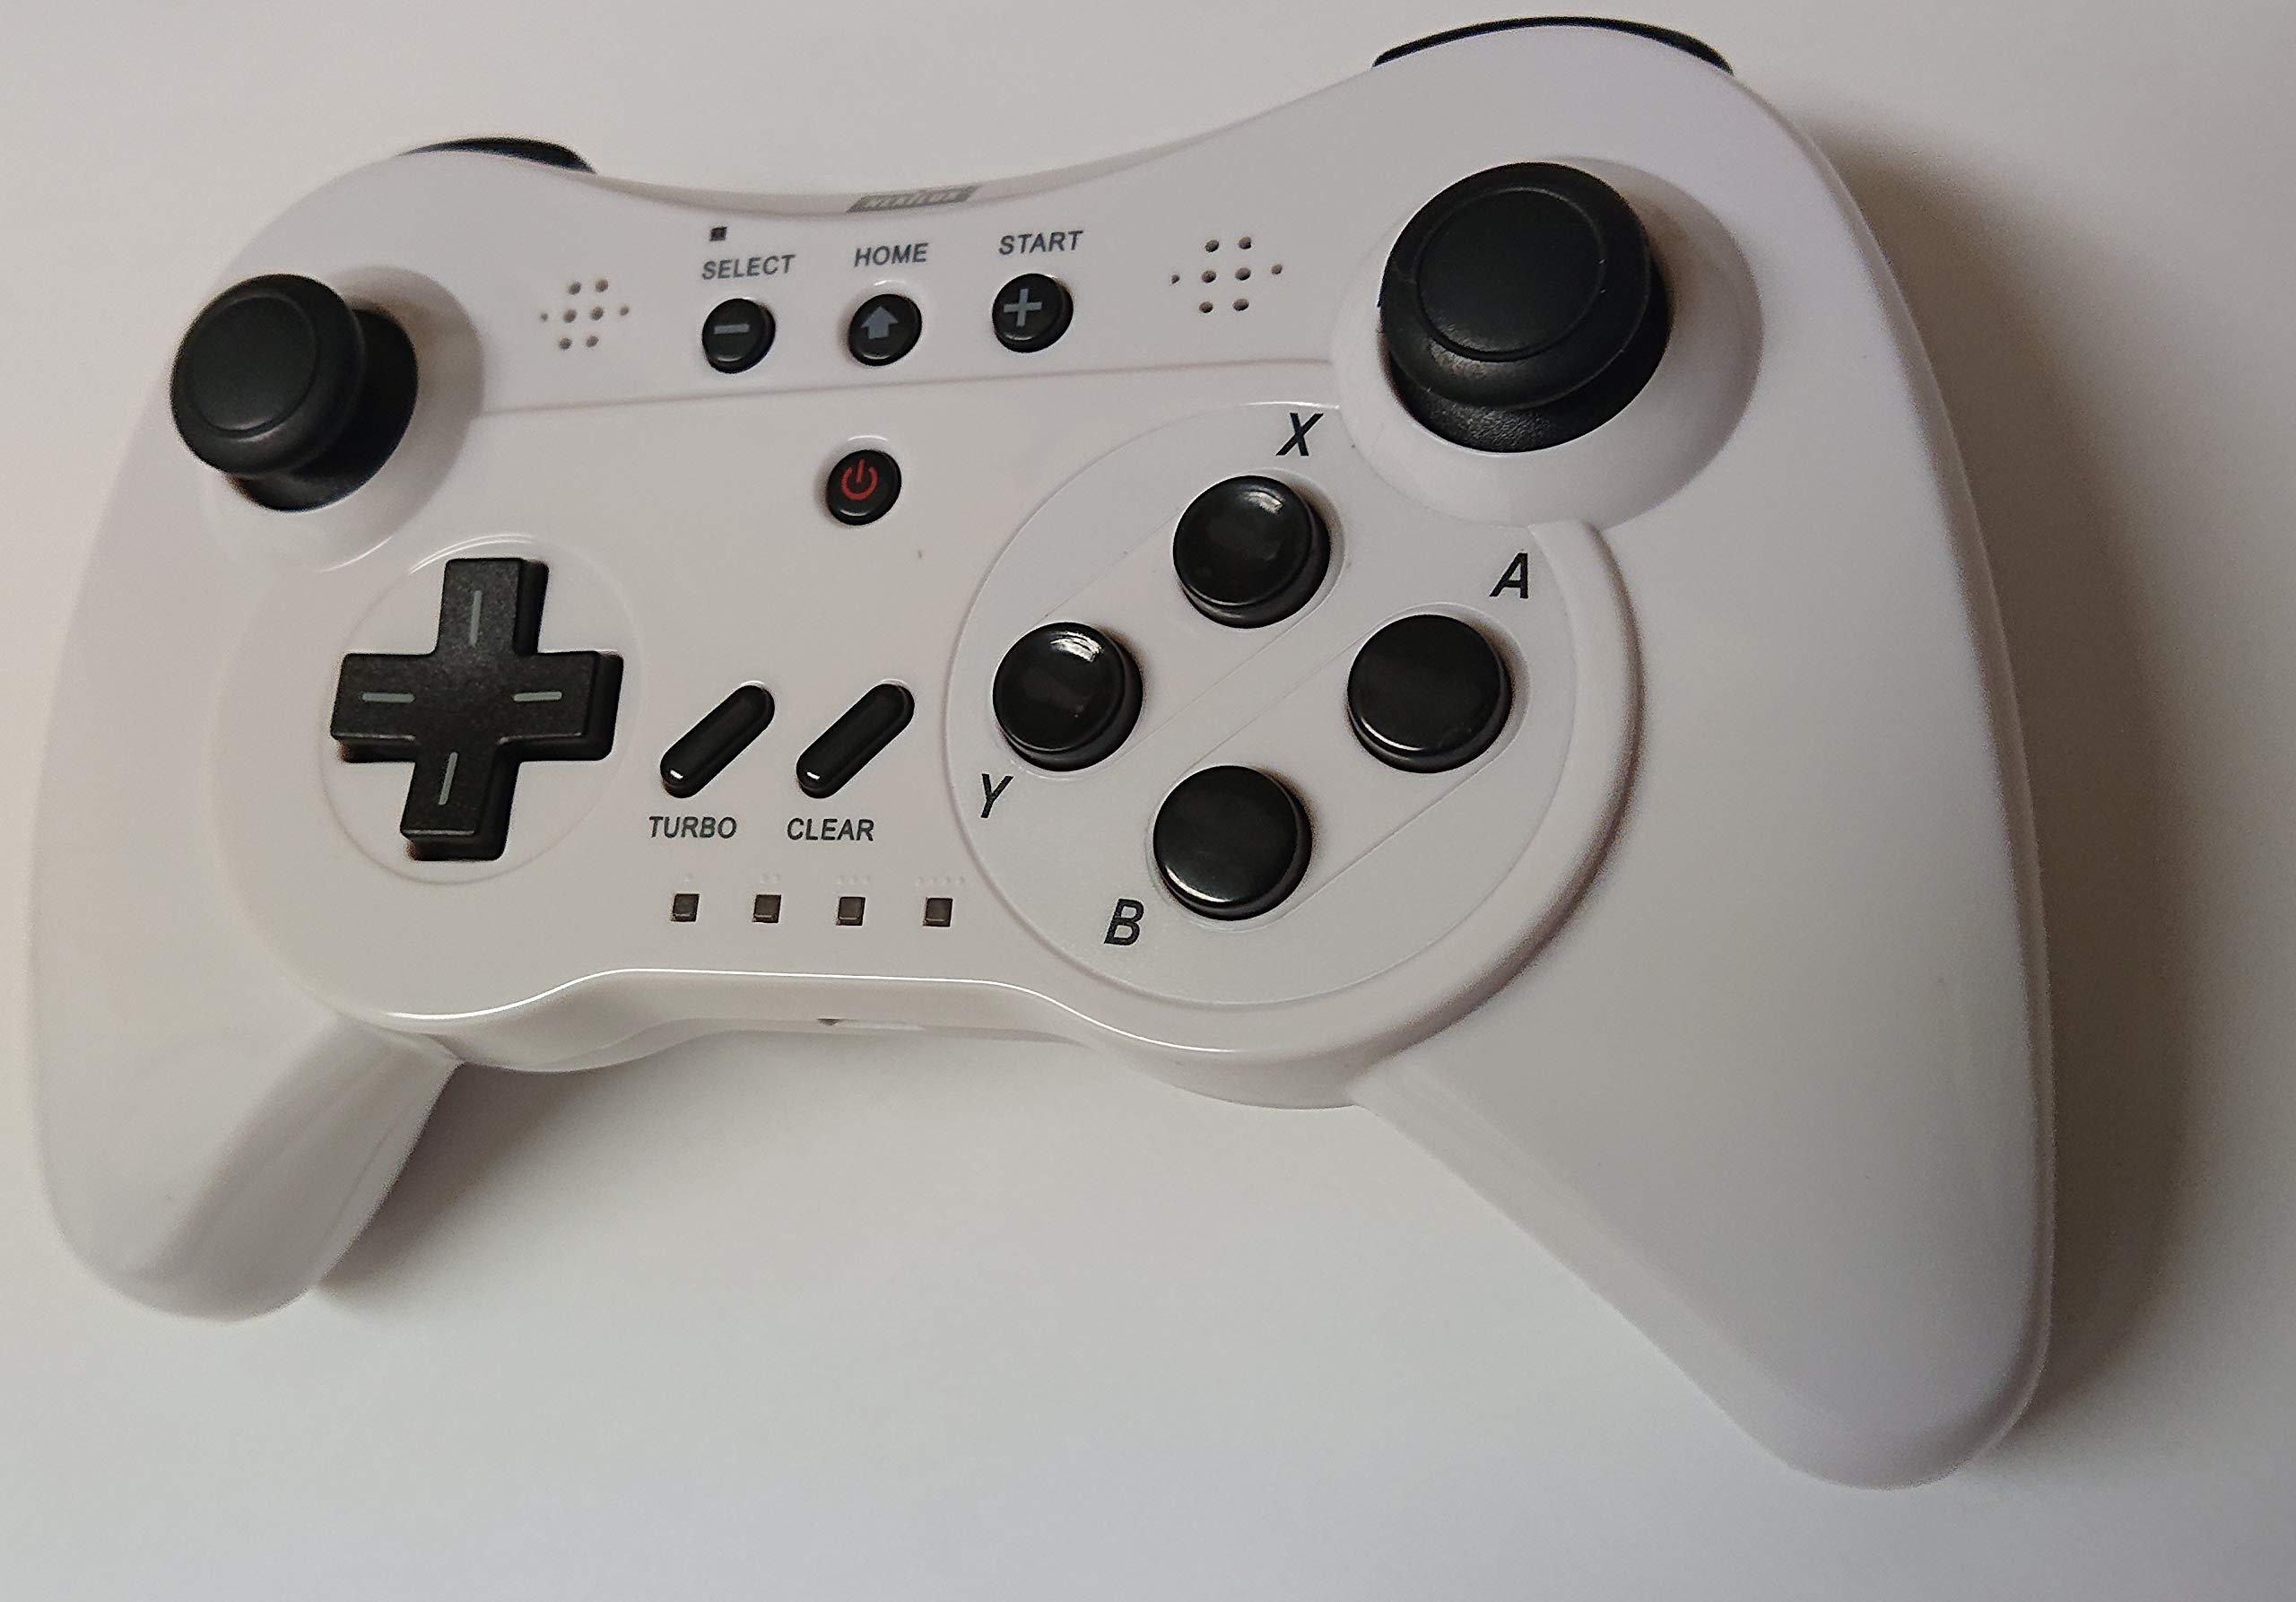 NEXiLUX NXL-WU001 Wireless 3-in-1 Classic Pro Controller Gamepad for Nintendo Wii U, White